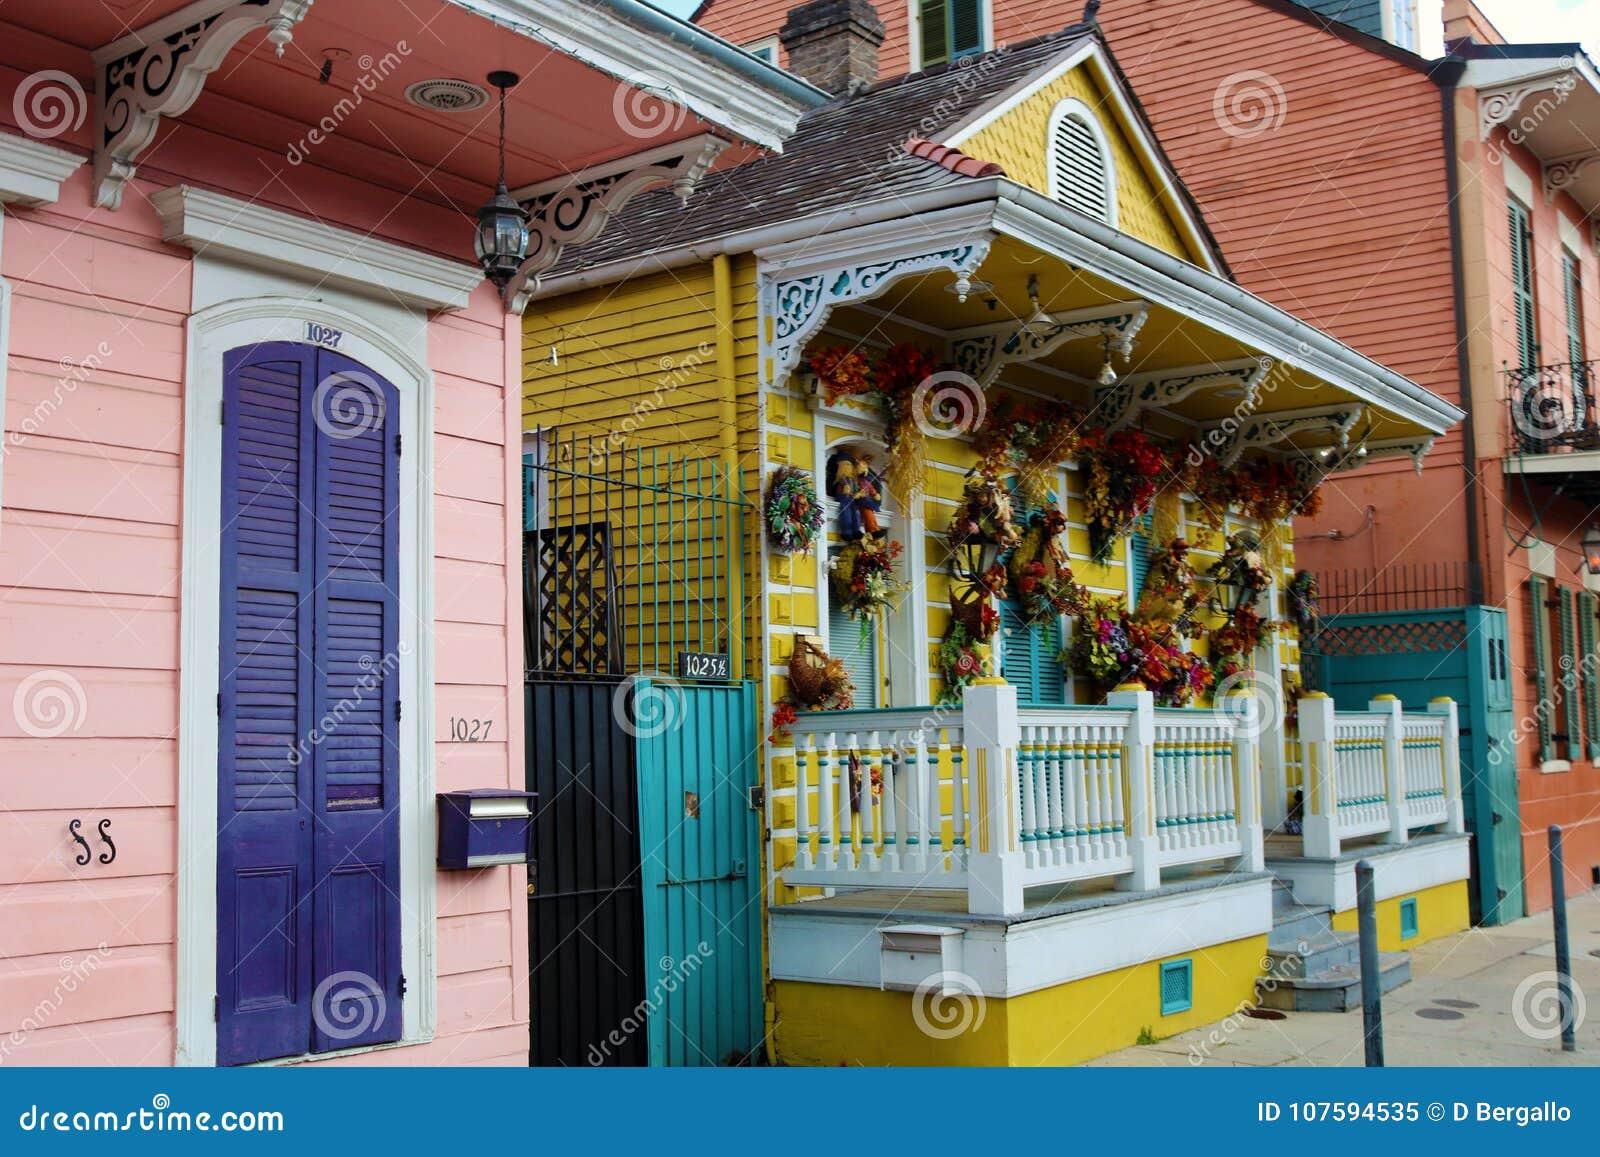 Architettura unica classica della casa variopinta del quartiere francese di New Orleans